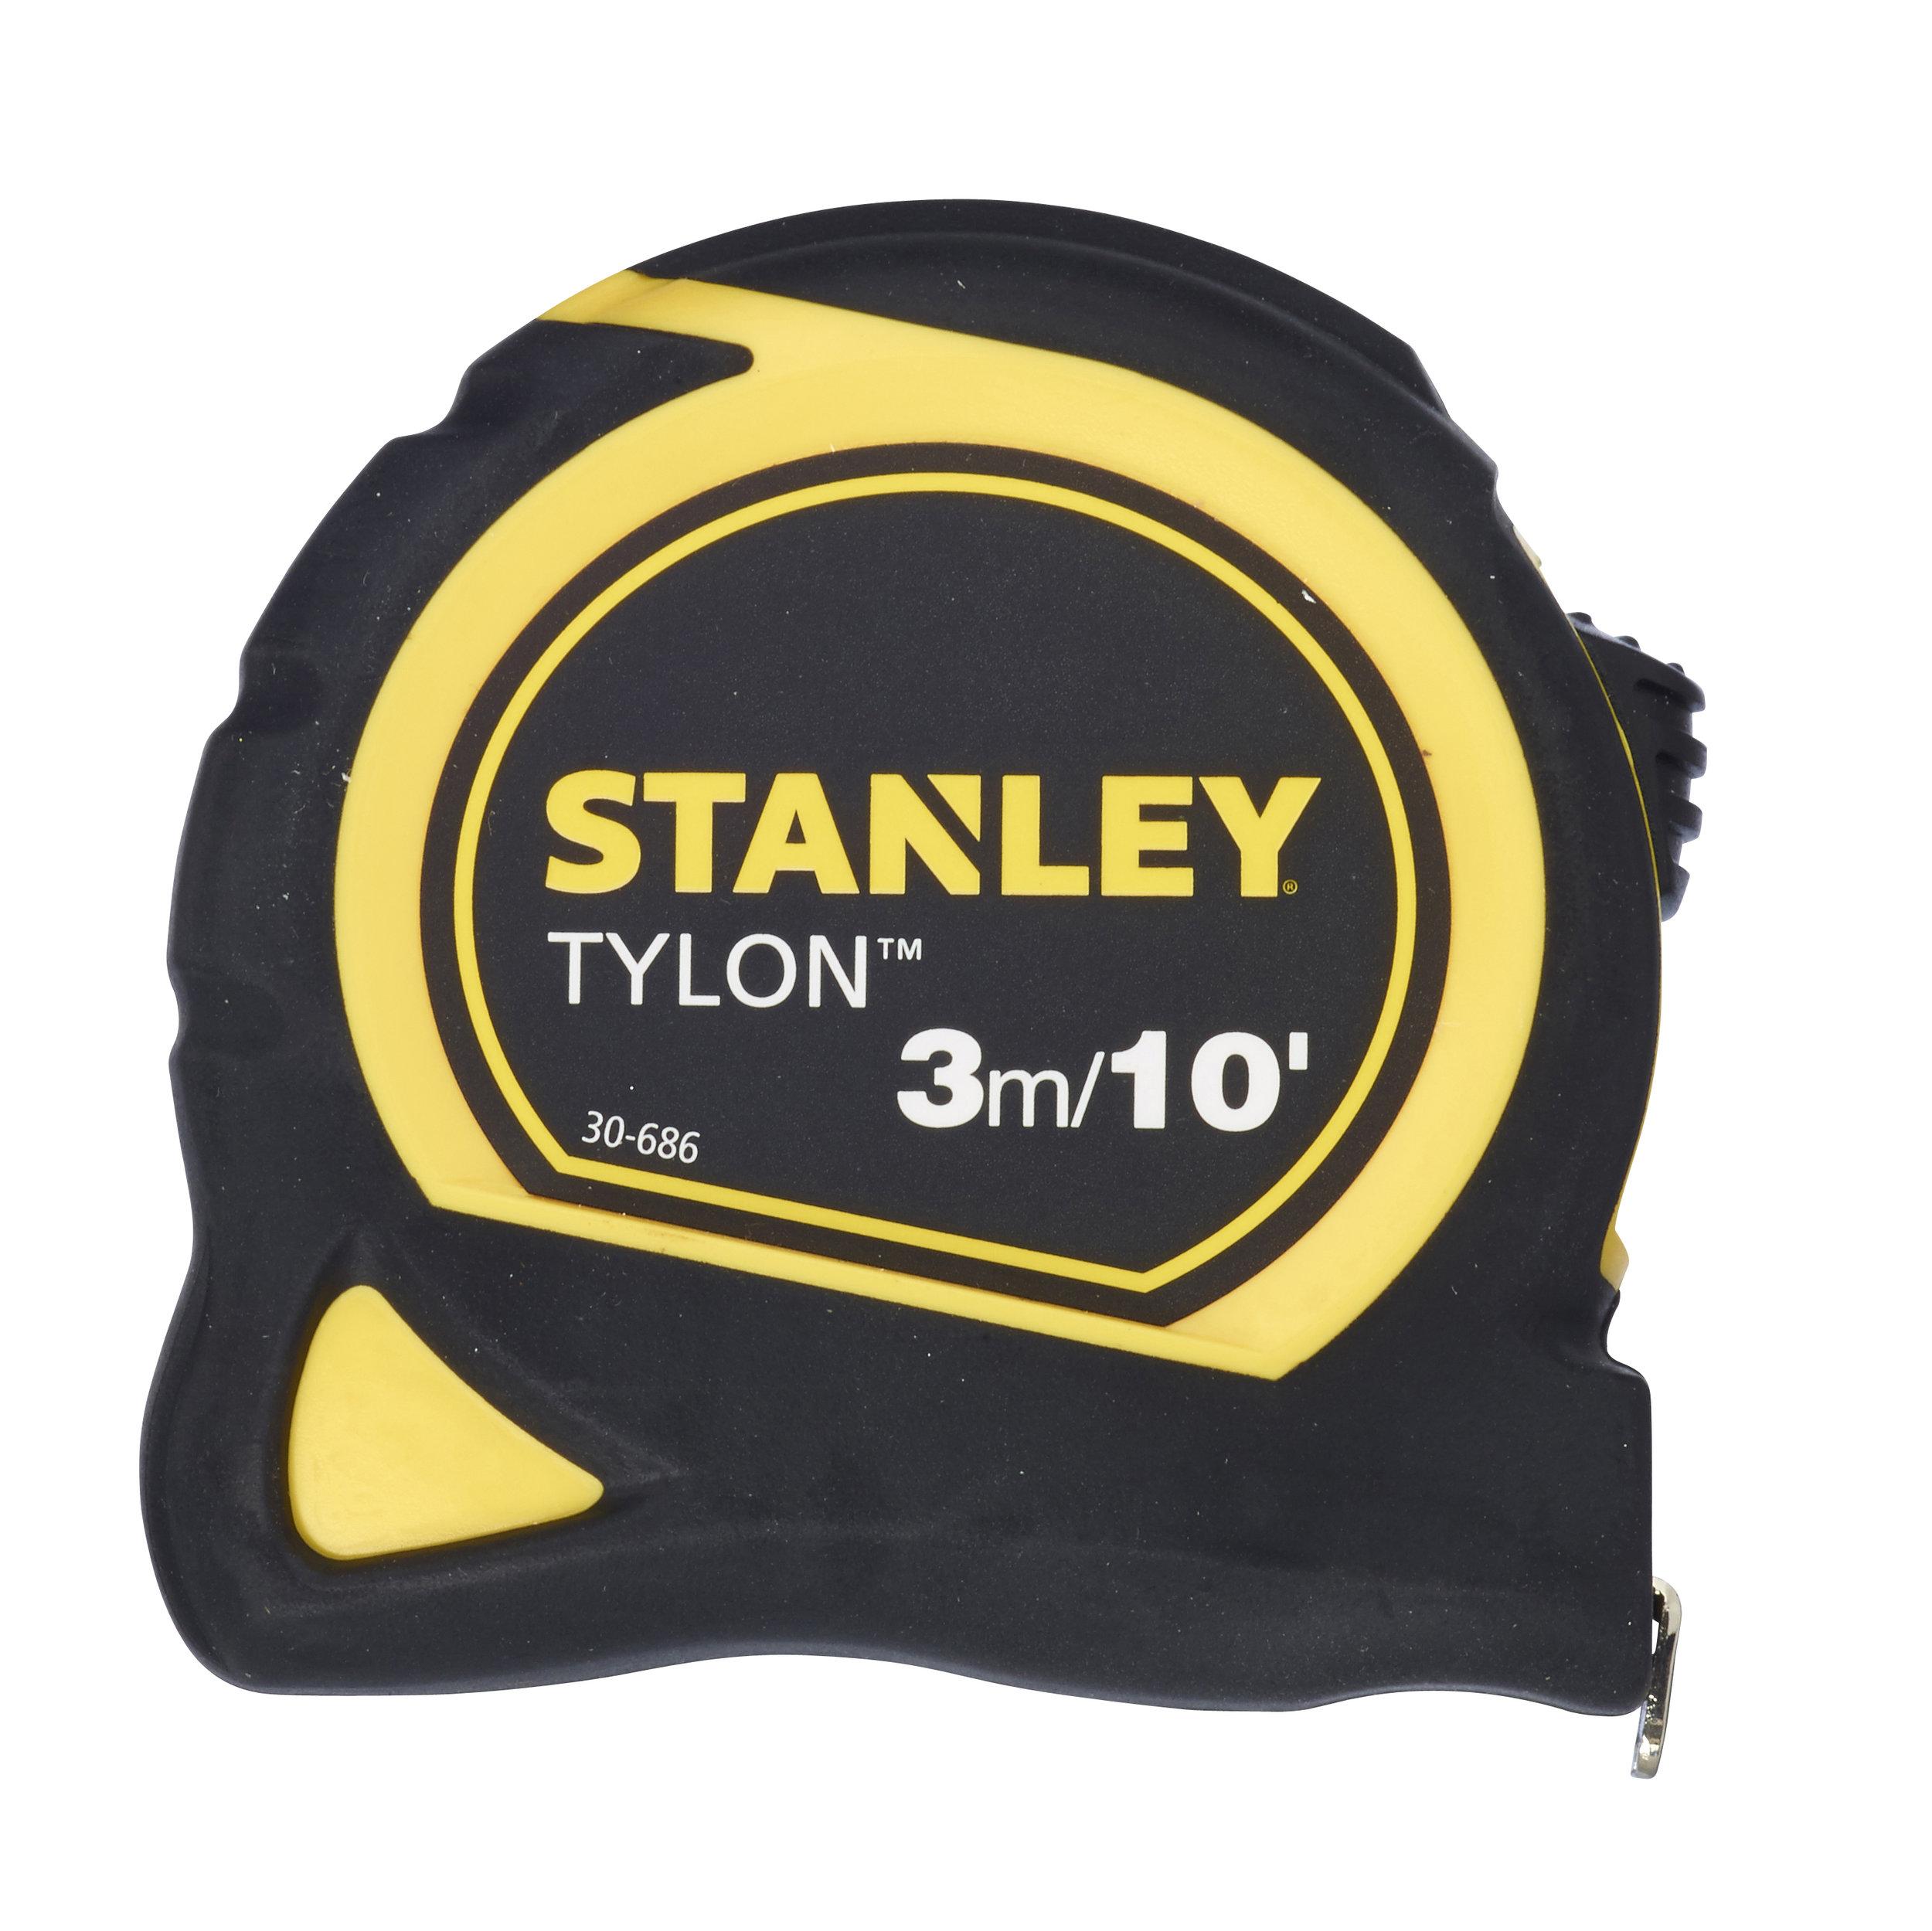 Tylon Measuring Tape